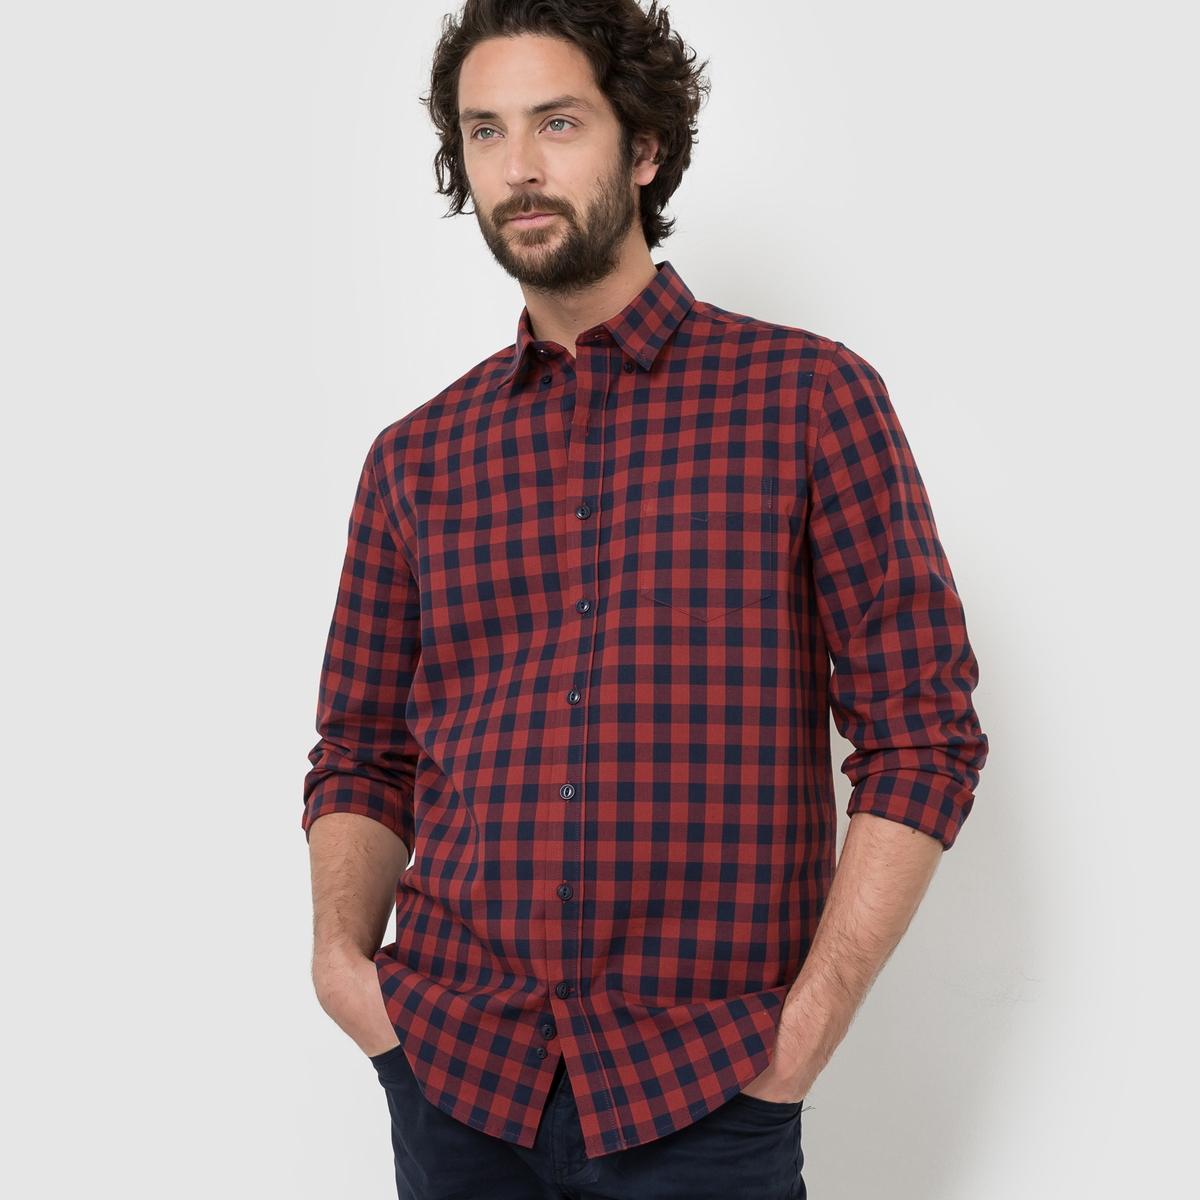 Рубашка прямого покроя с длинными рукавами, 100% хлопокСостав и описание :Материал : 100% хлопок  Длина : 76 смМарка :      R ?ditionУходМашинная стирка при 30 °С<br><br>Цвет: в синюю клетку<br>Размер: 43/44